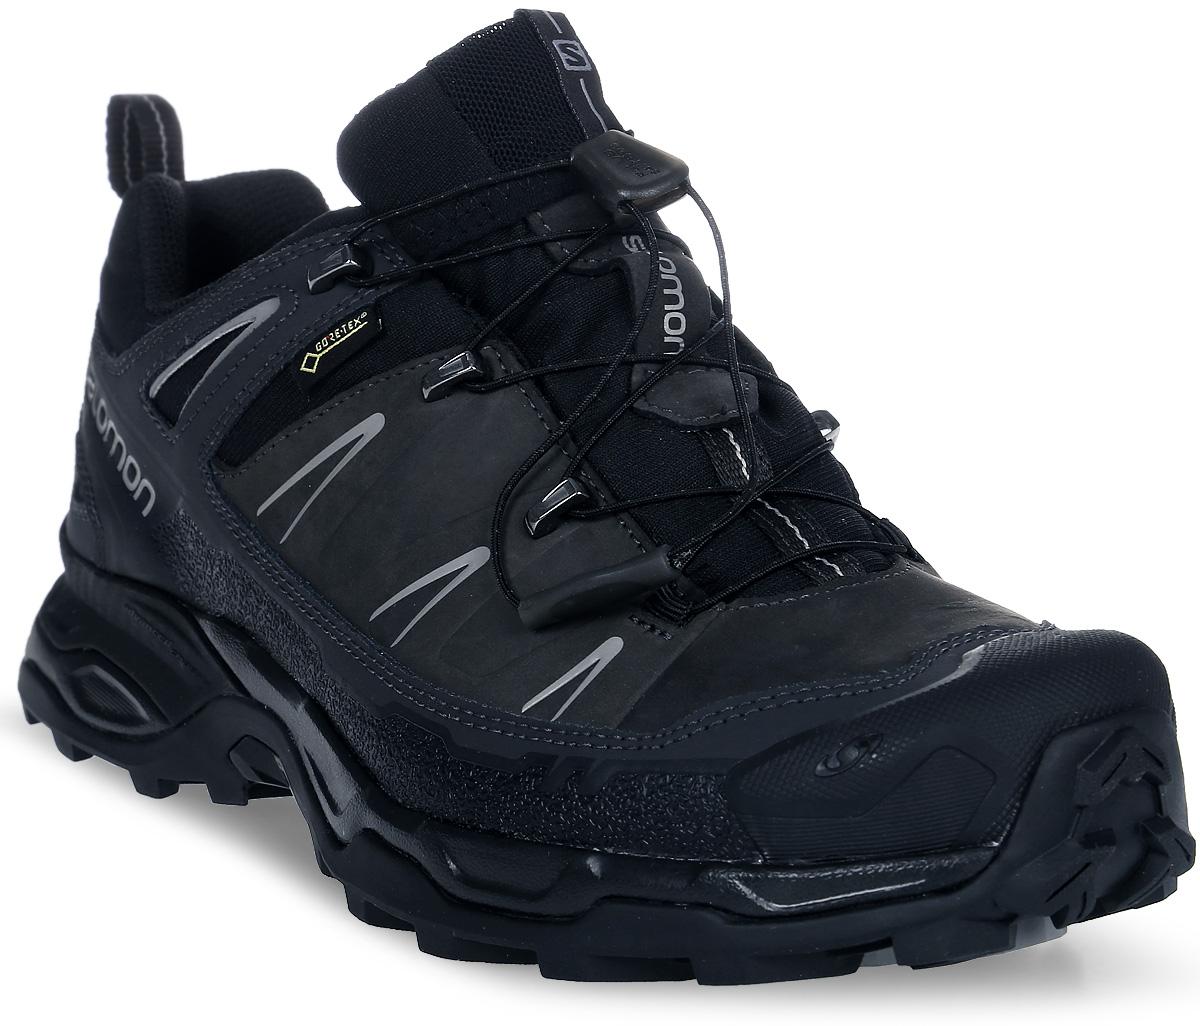 Купить Кроссовки мужские трекинговые Salomon X Ultra LTR GTX, цвет: черный, темно-серый. L36902400. Размер 11 (44, 5)